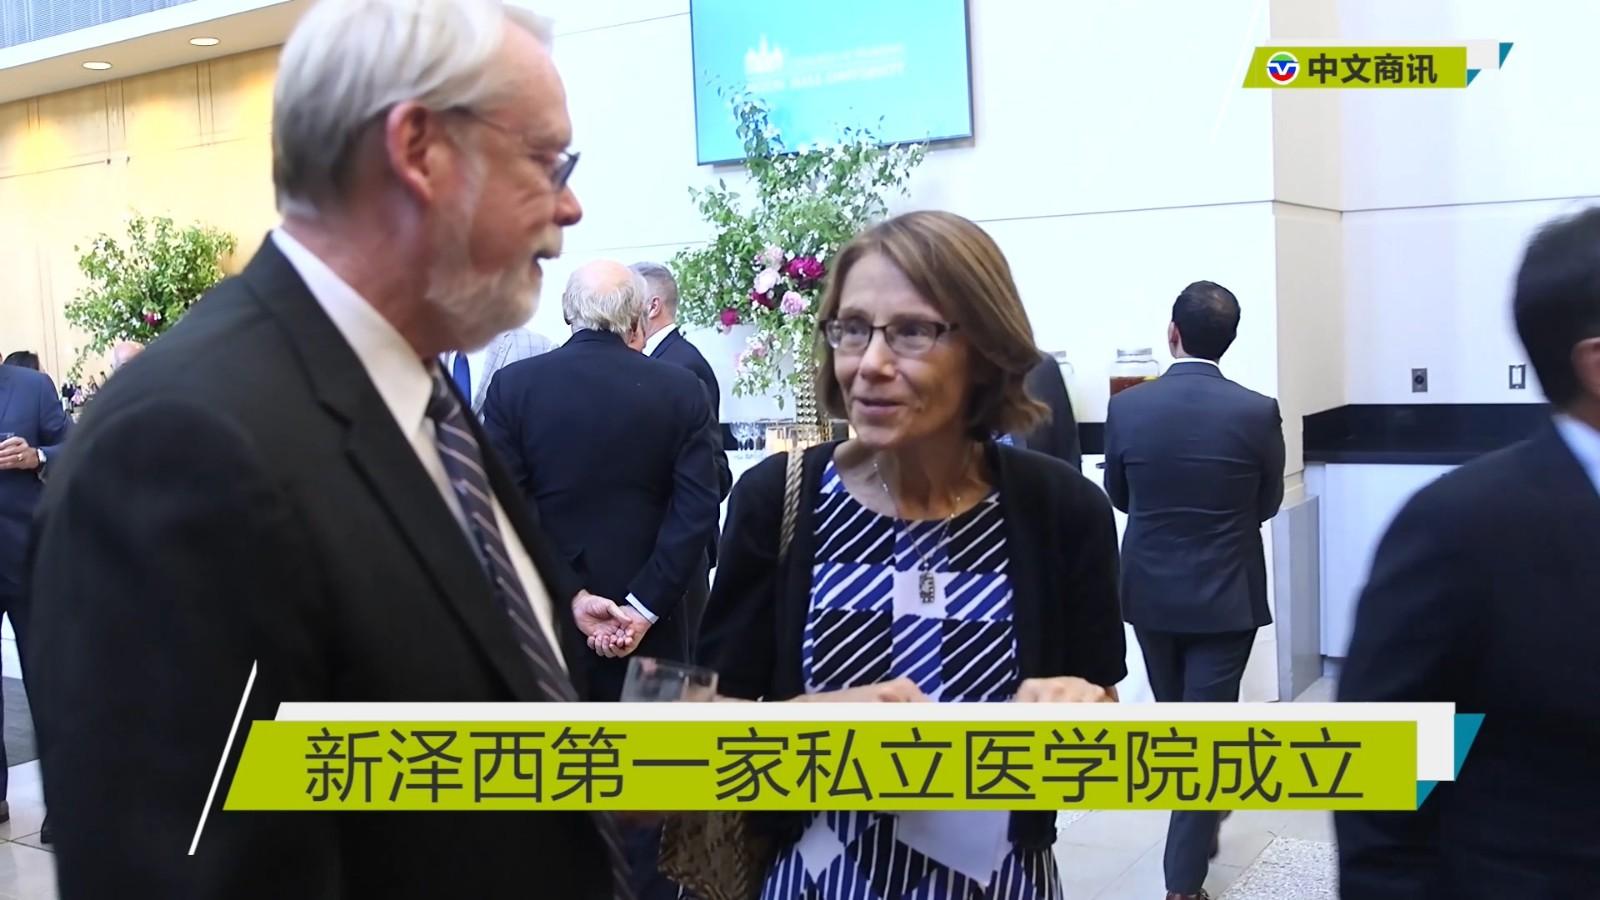 【视频】新泽西第一家私立医学院成立